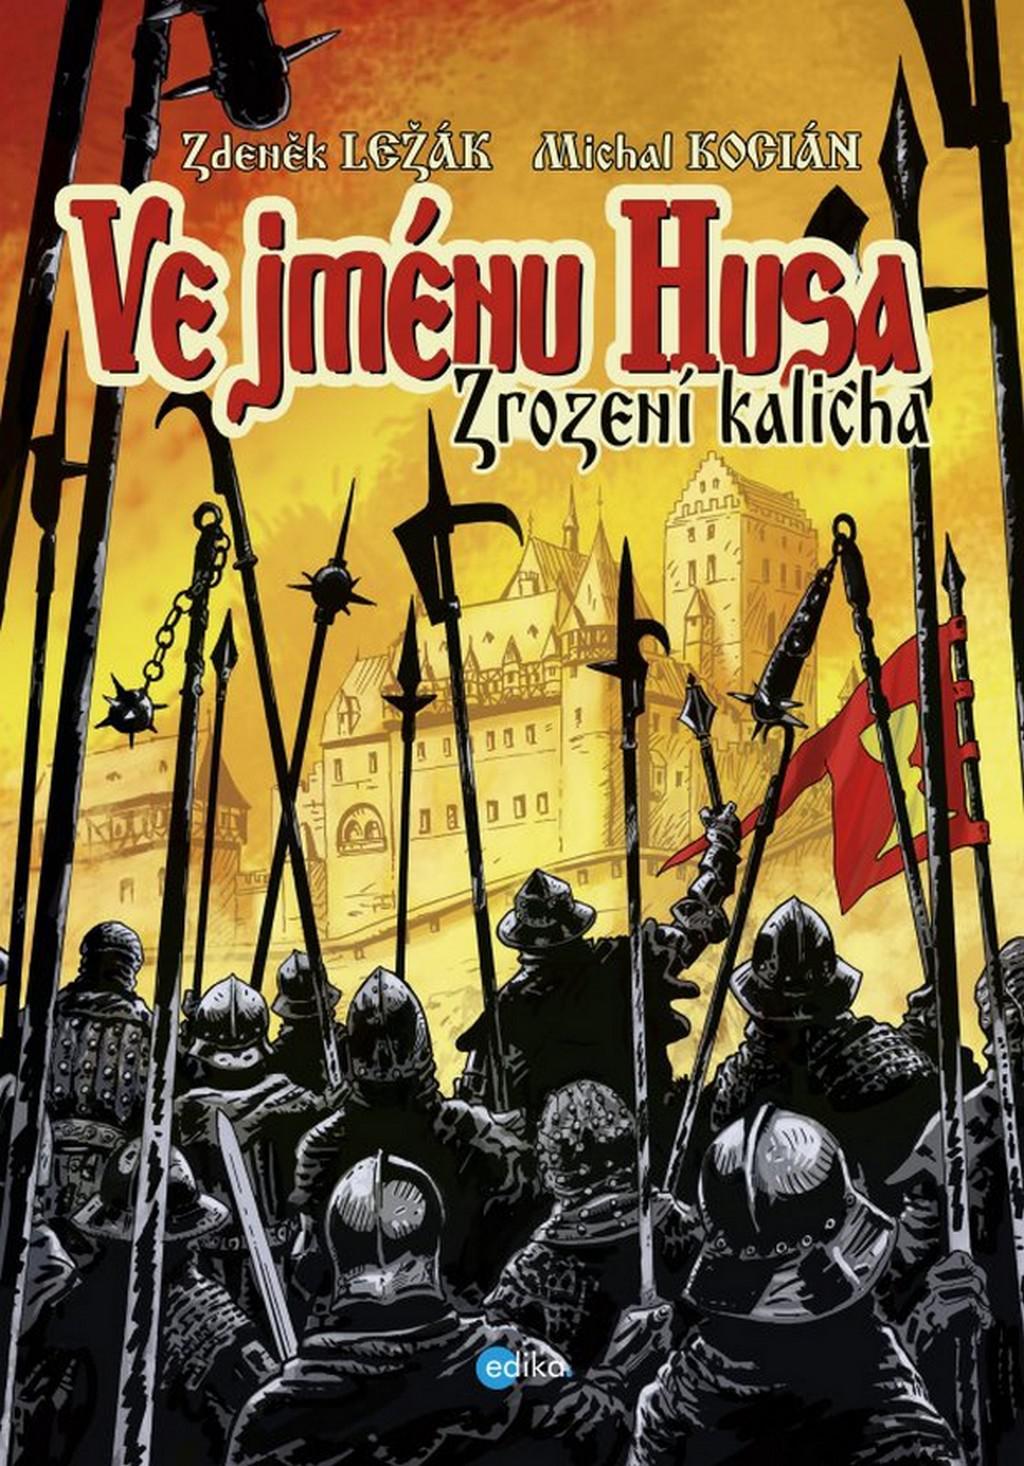 Zdeněk Ležák, Michal Kocián / Ve jménu Husa - Zrození kalicha